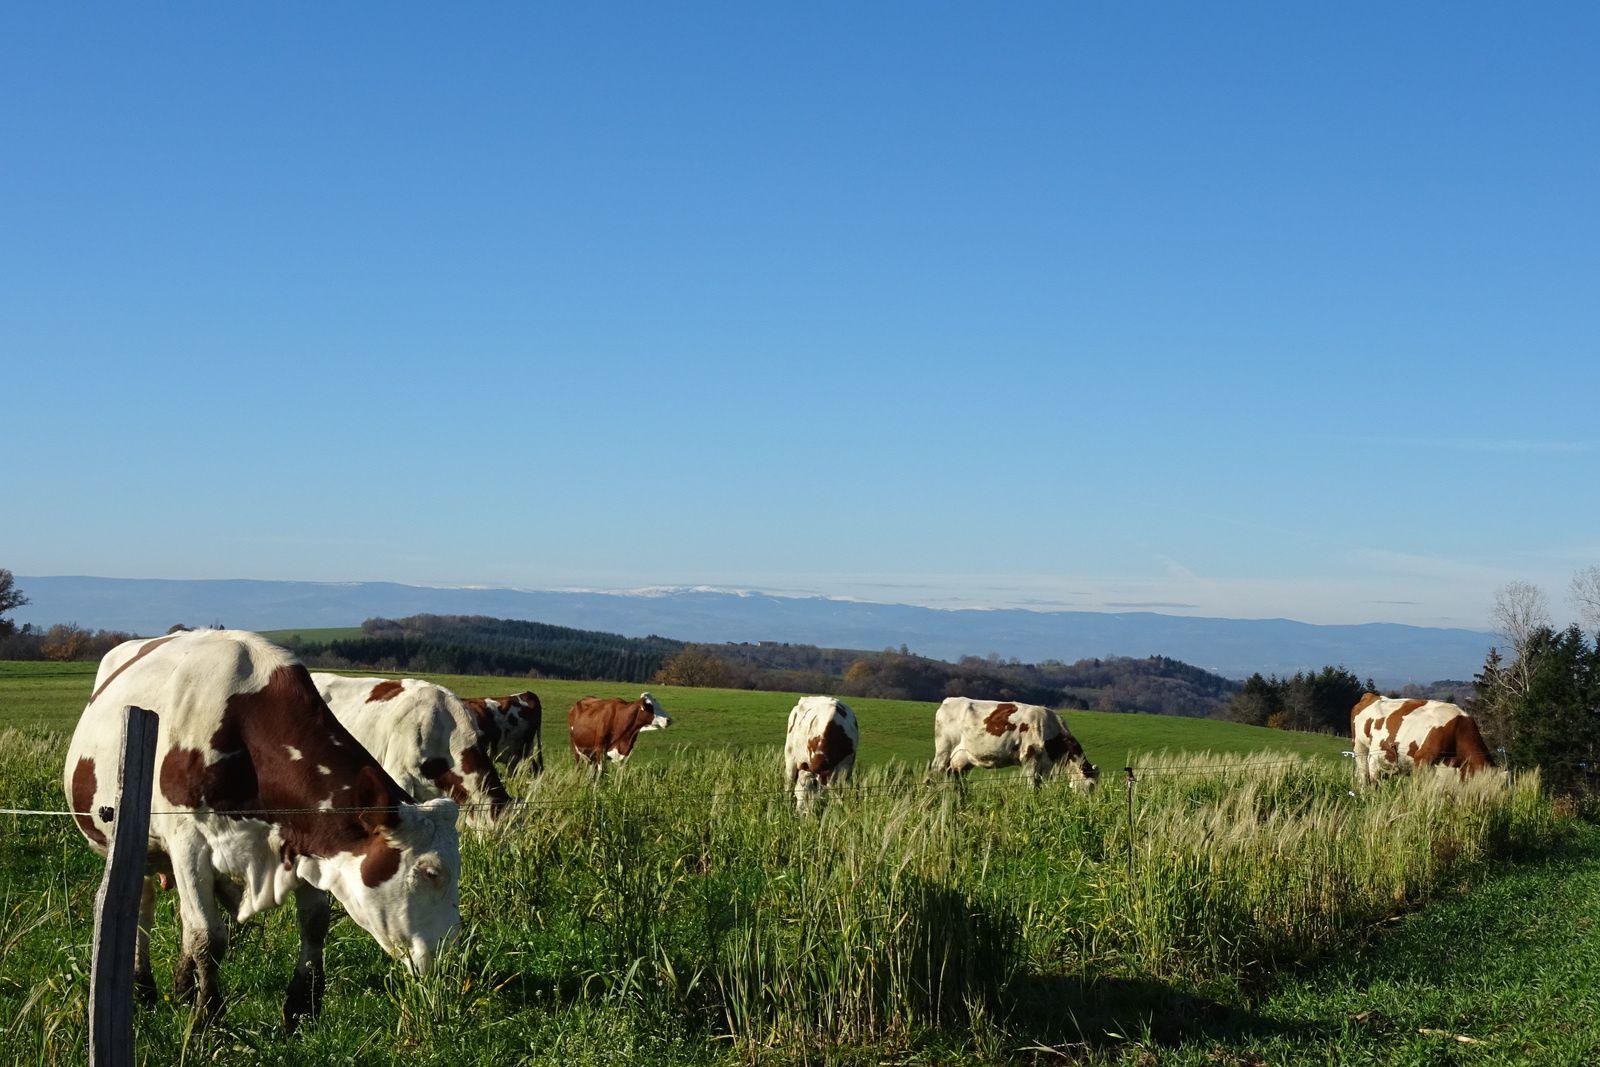 Ces vaches ne le savent pas mais la douceur hivernale leur évite d'être prisonnières dans une stabulation, elles peuvent encore profiter des grands espaces.